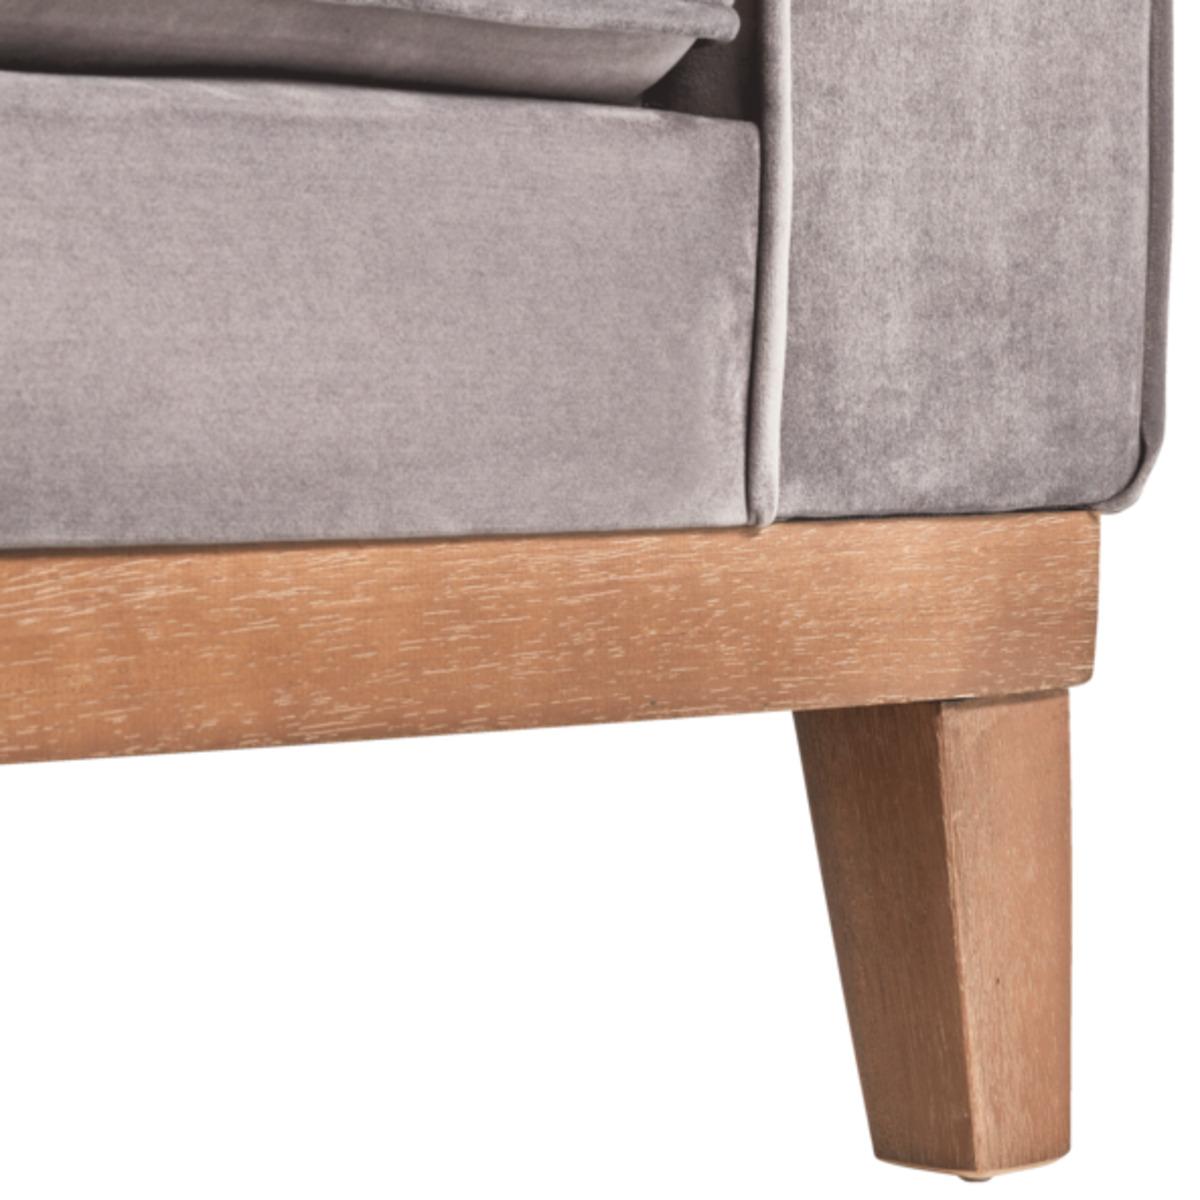 Bild 4 von Samt-Sofa im skandinavischen Stil, 2-Sitzer, grau